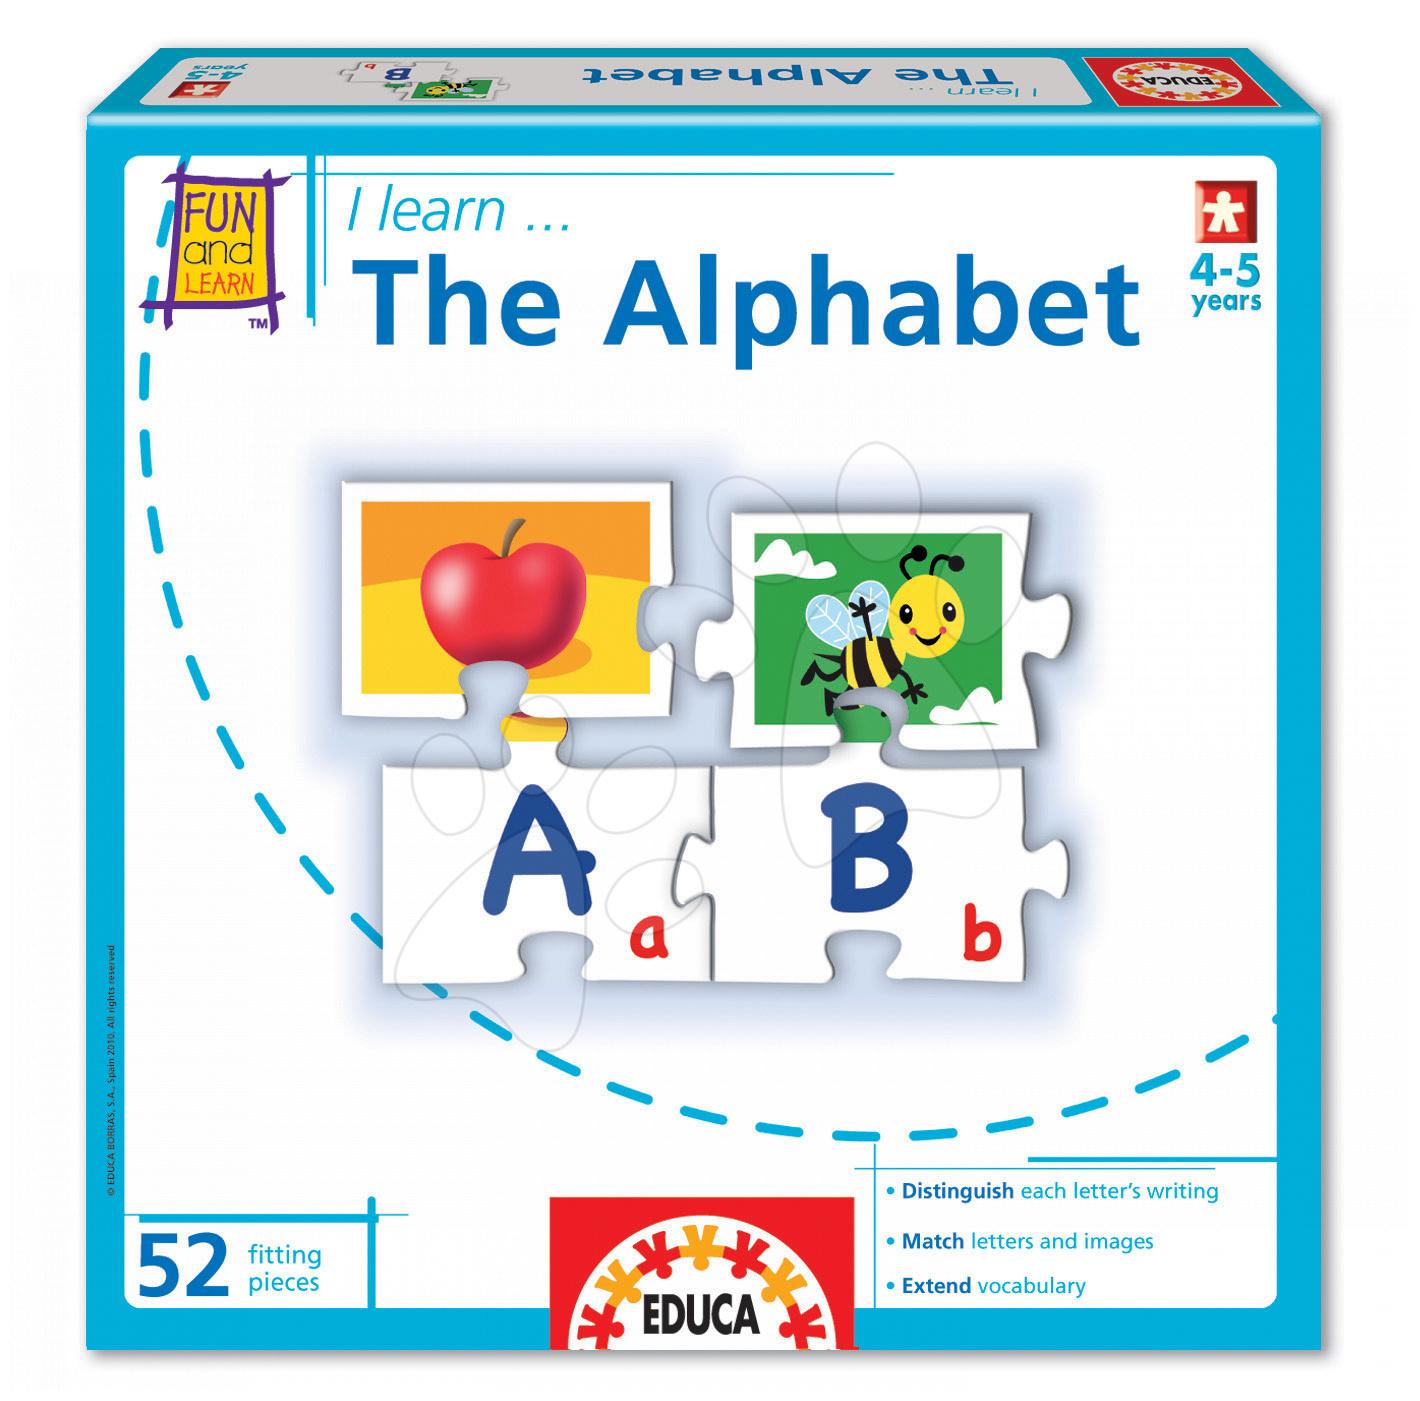 Cudzojazyčné spoločenské hry - Spoločenská hra I learn The Alphabet Educa angličtina 52 dielov